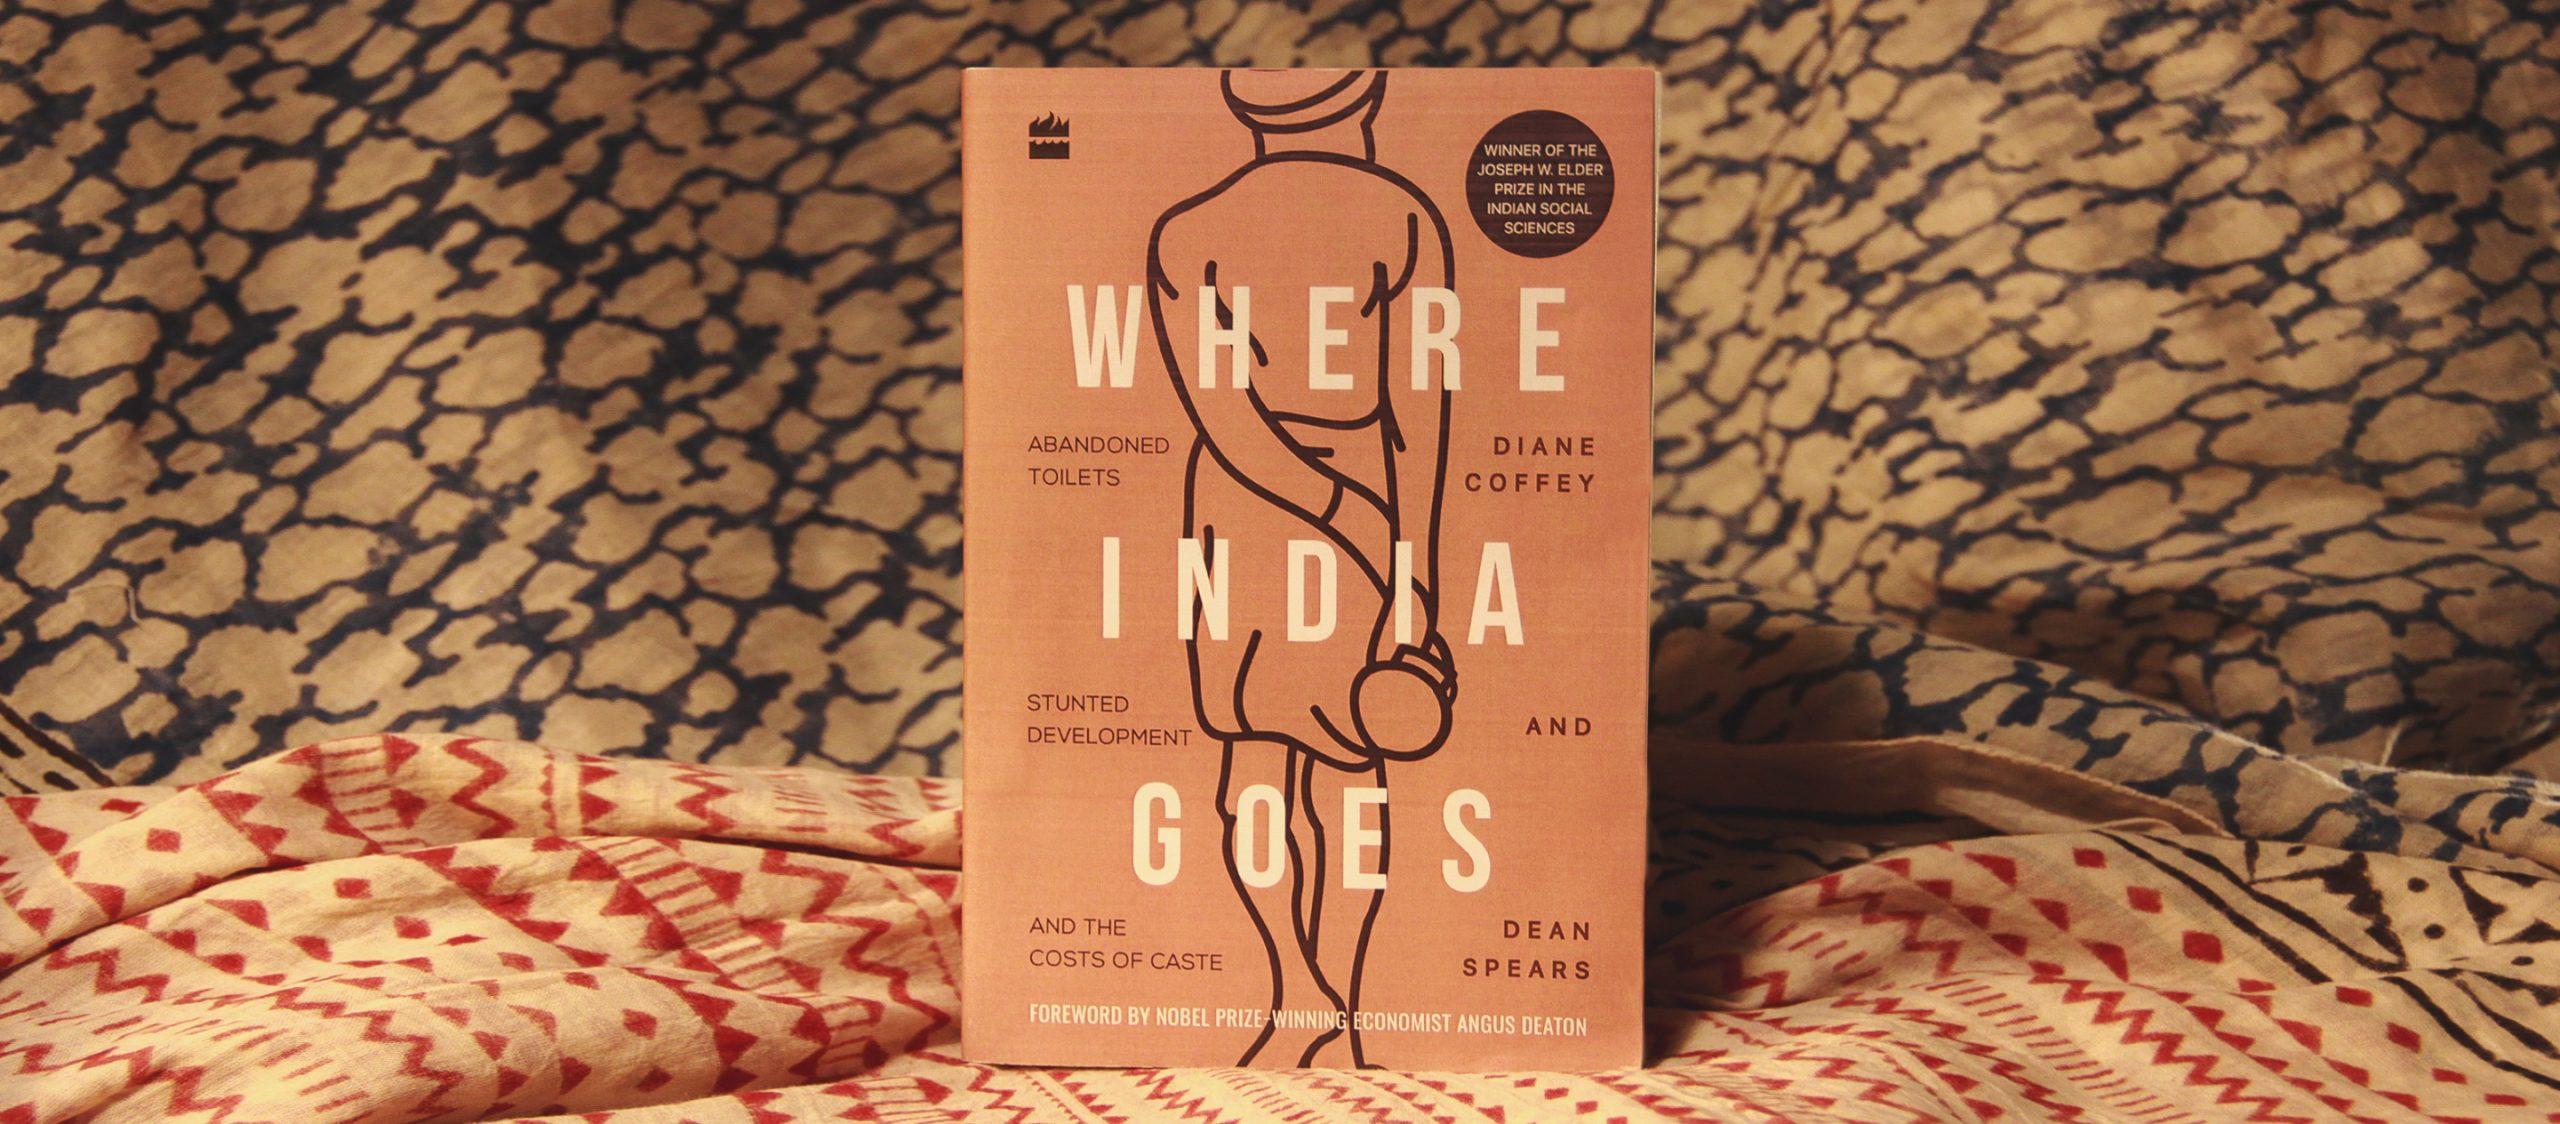 Where India Goes: เมื่อการขับถ่ายของคนอินเดียสะท้อนถึงความเหลื่อมล้ำของวรรณะ